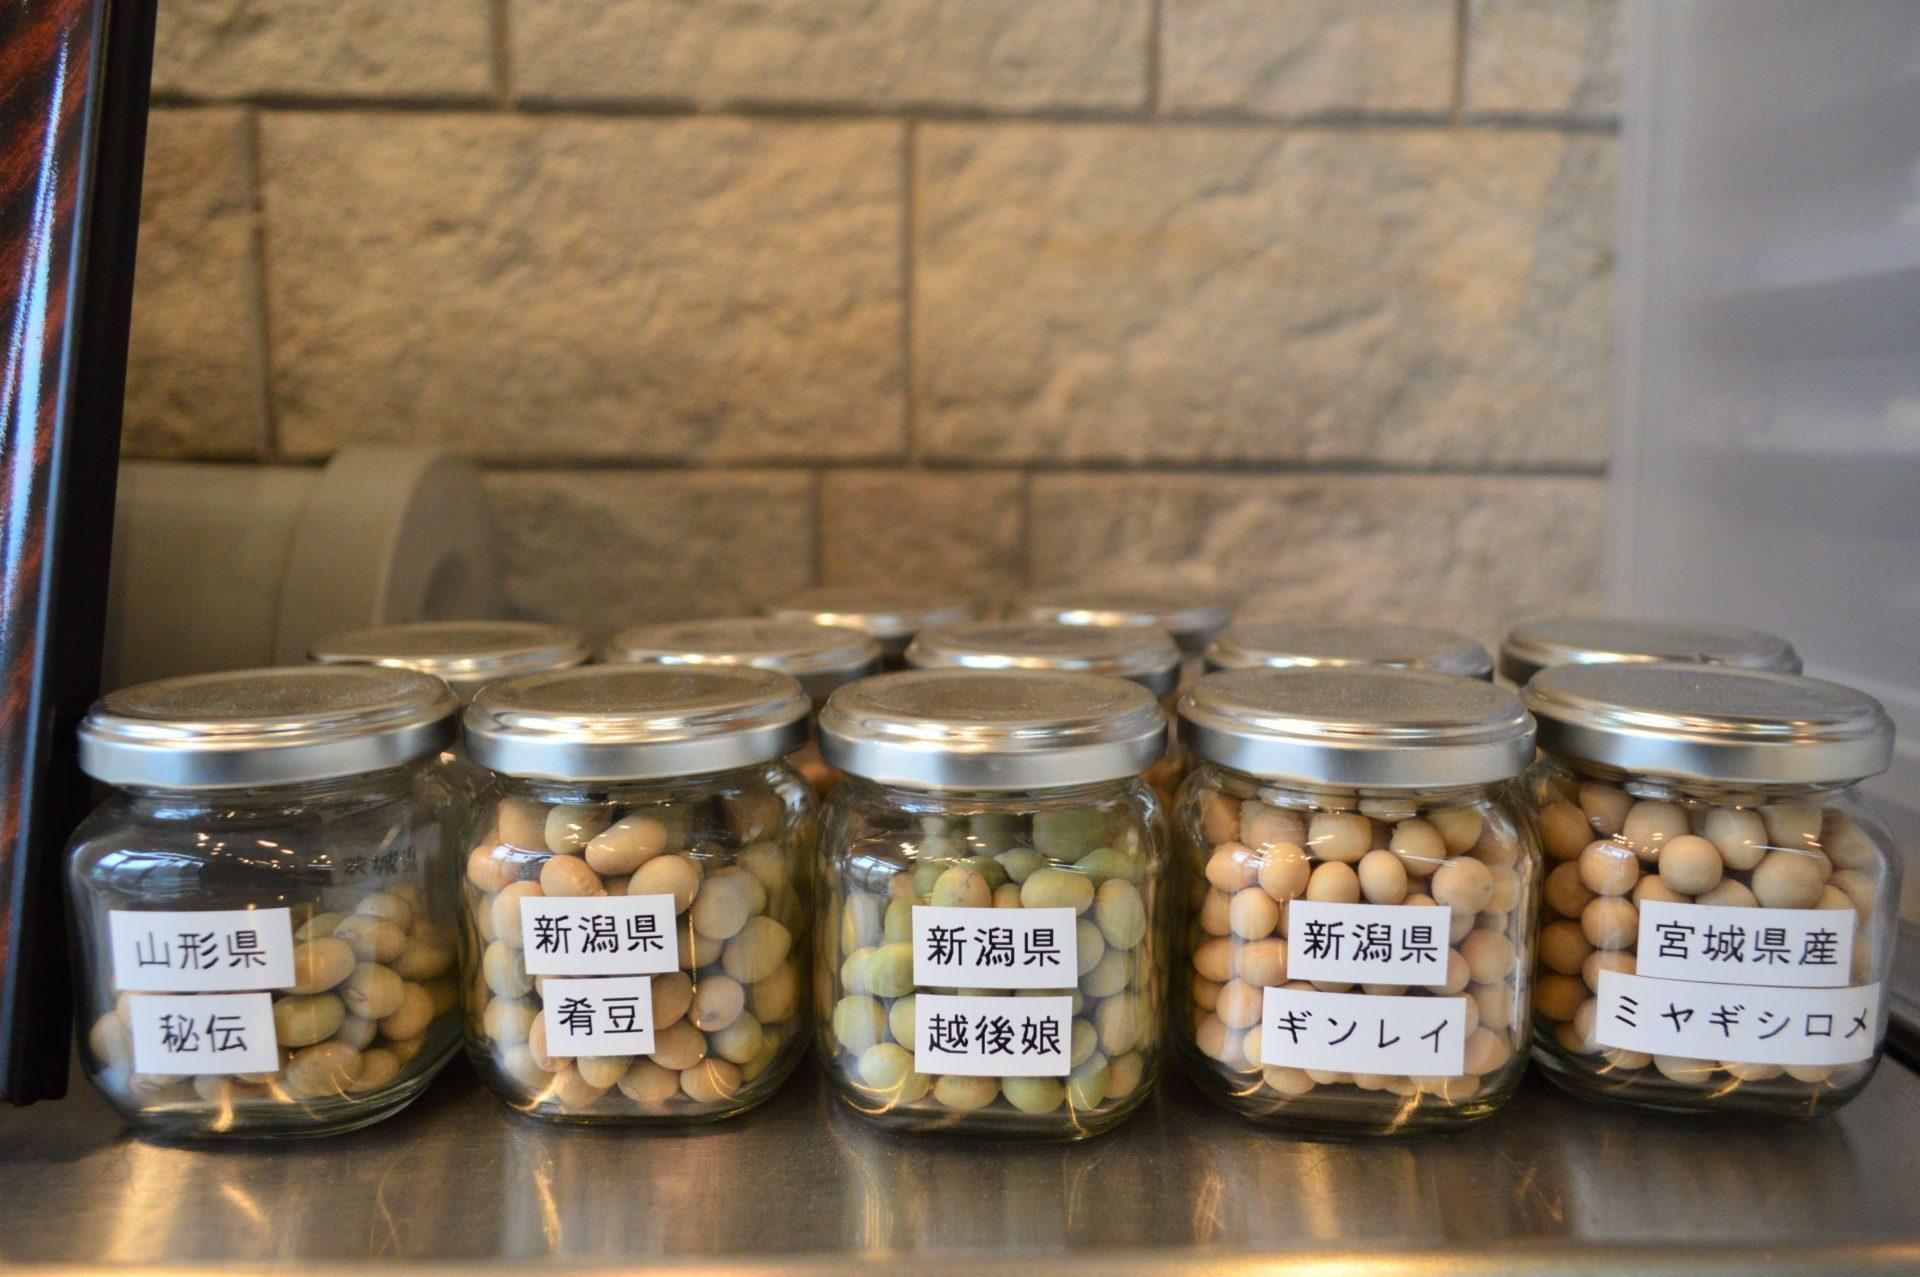 産地ごとに瓶詰めされた大豆